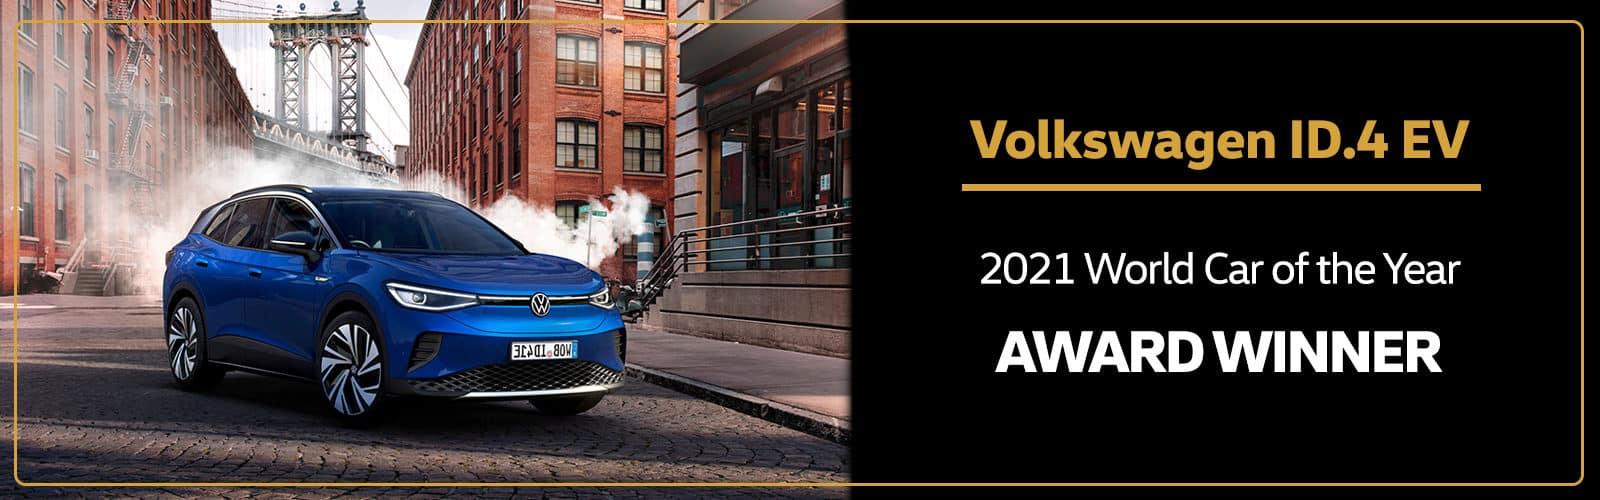 ID.4 Car World Car Of The Year_002